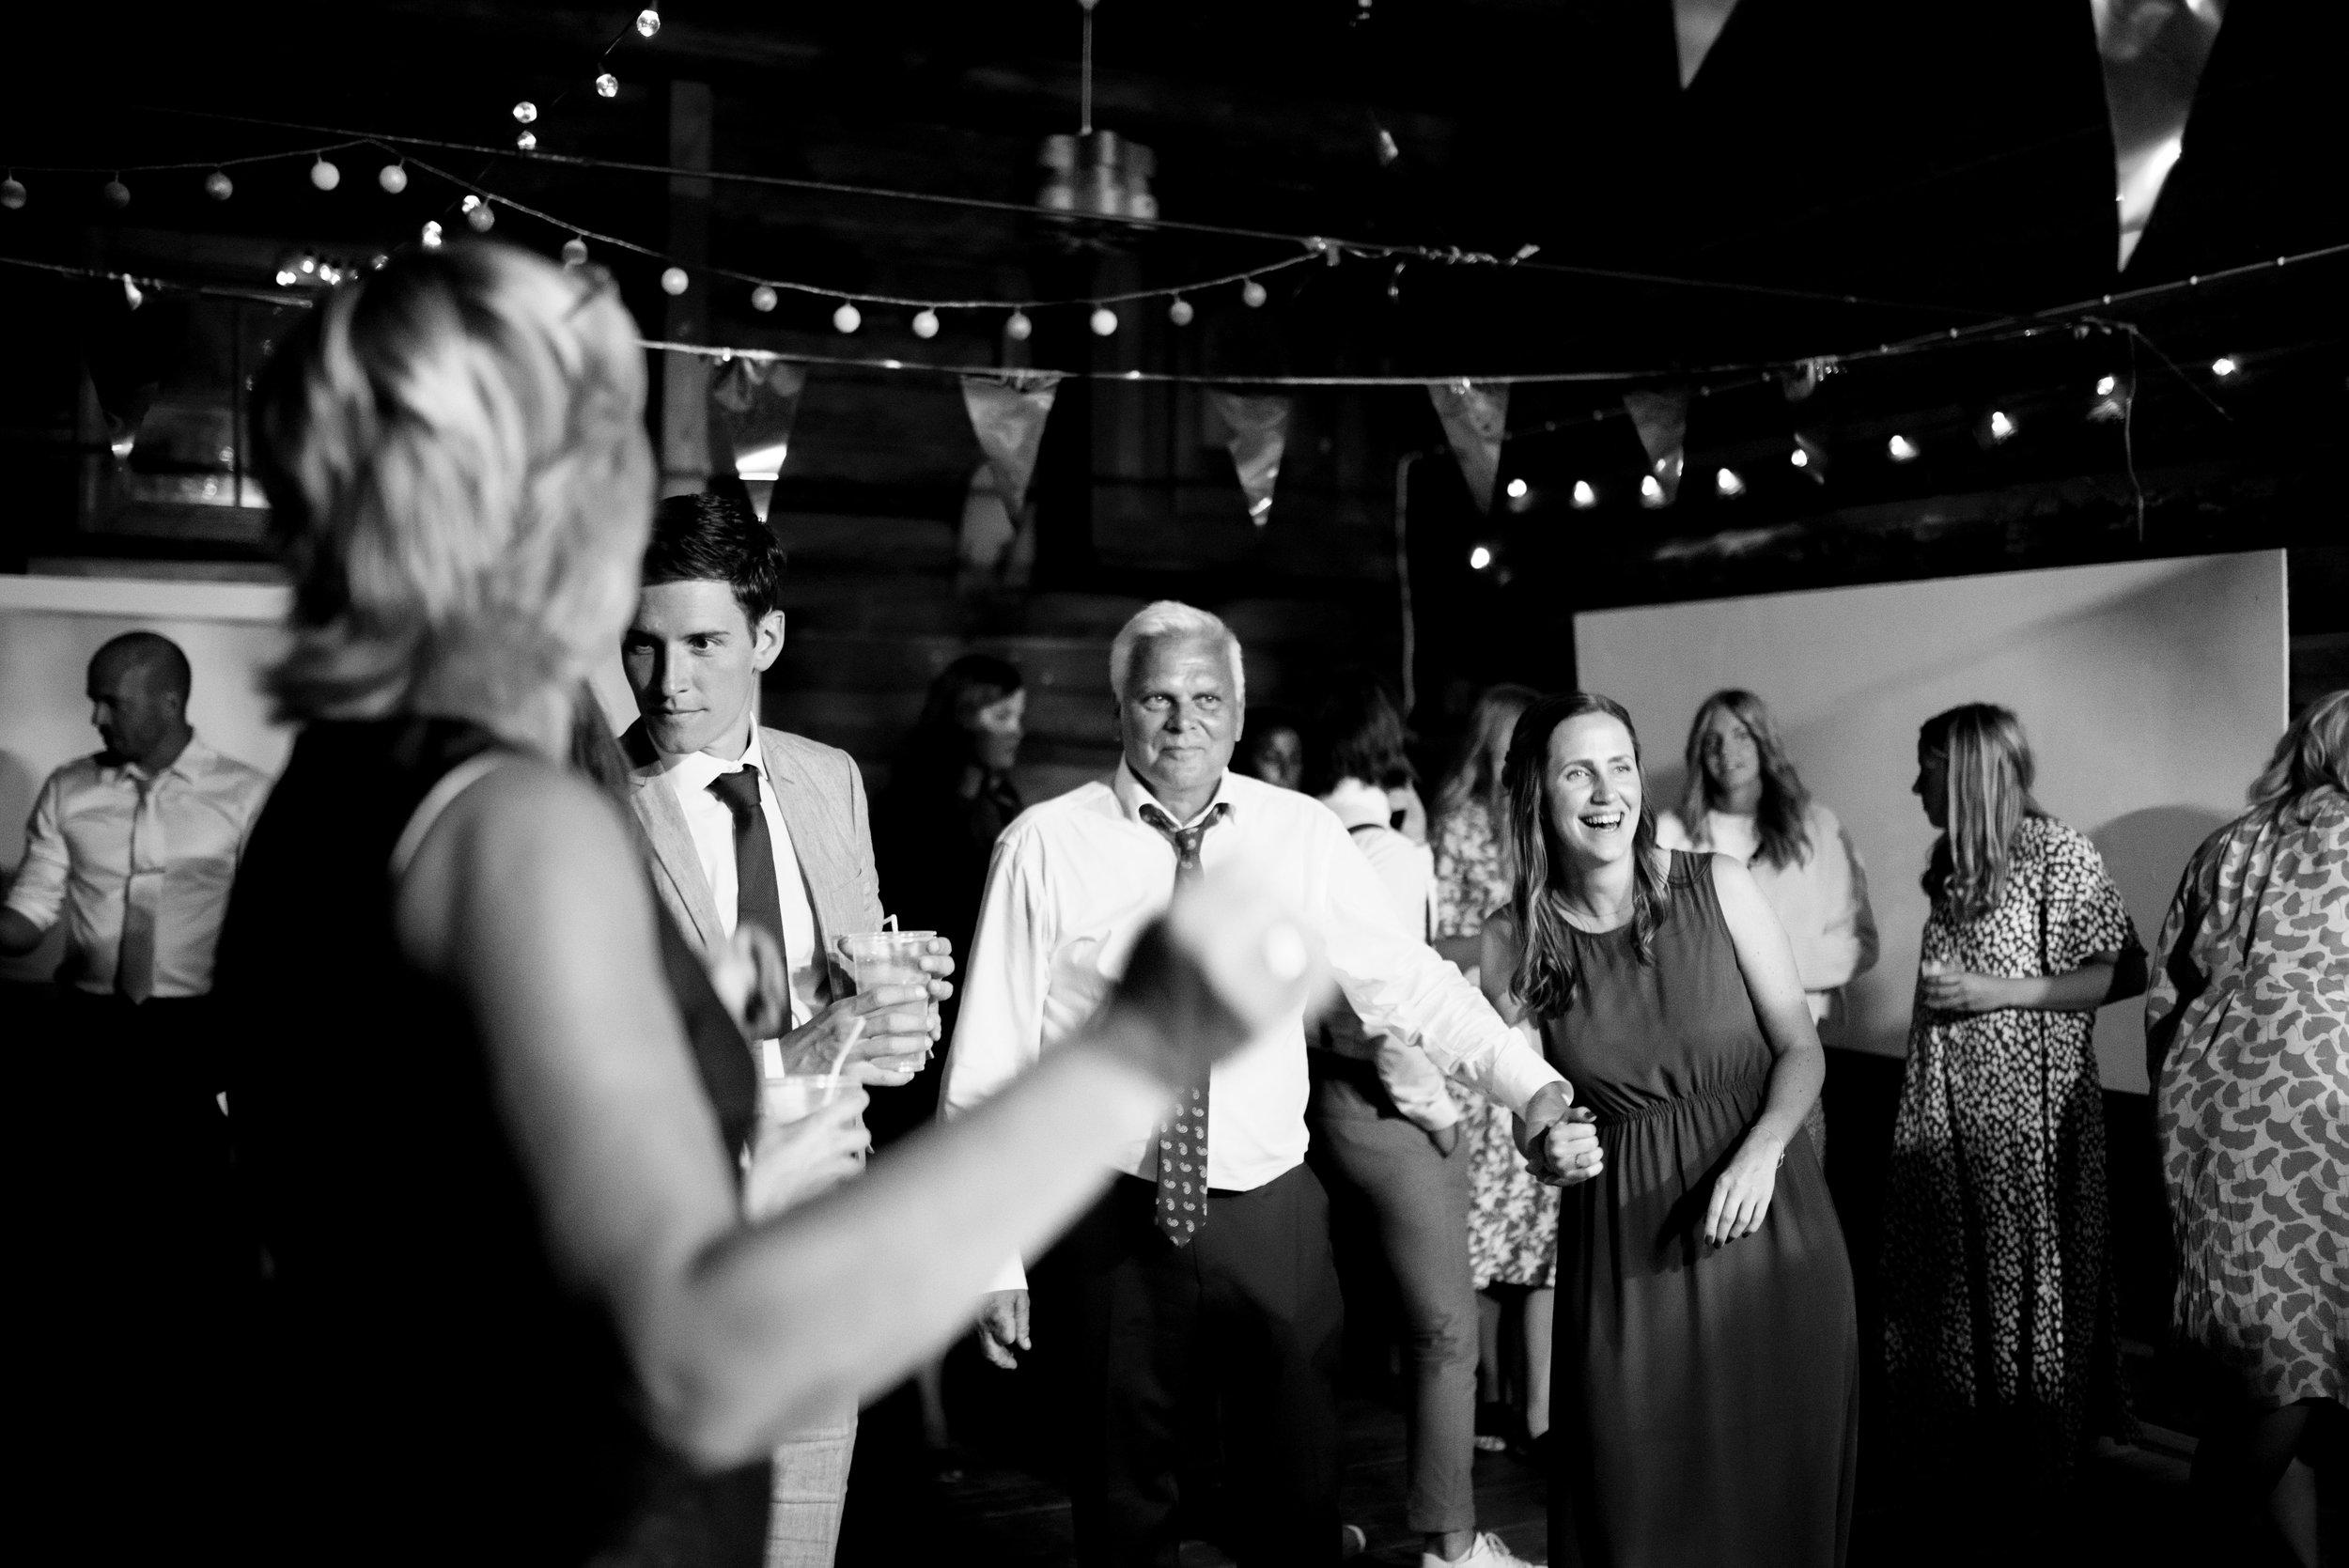 Bröllop2019lågkvall2-6596.jpg